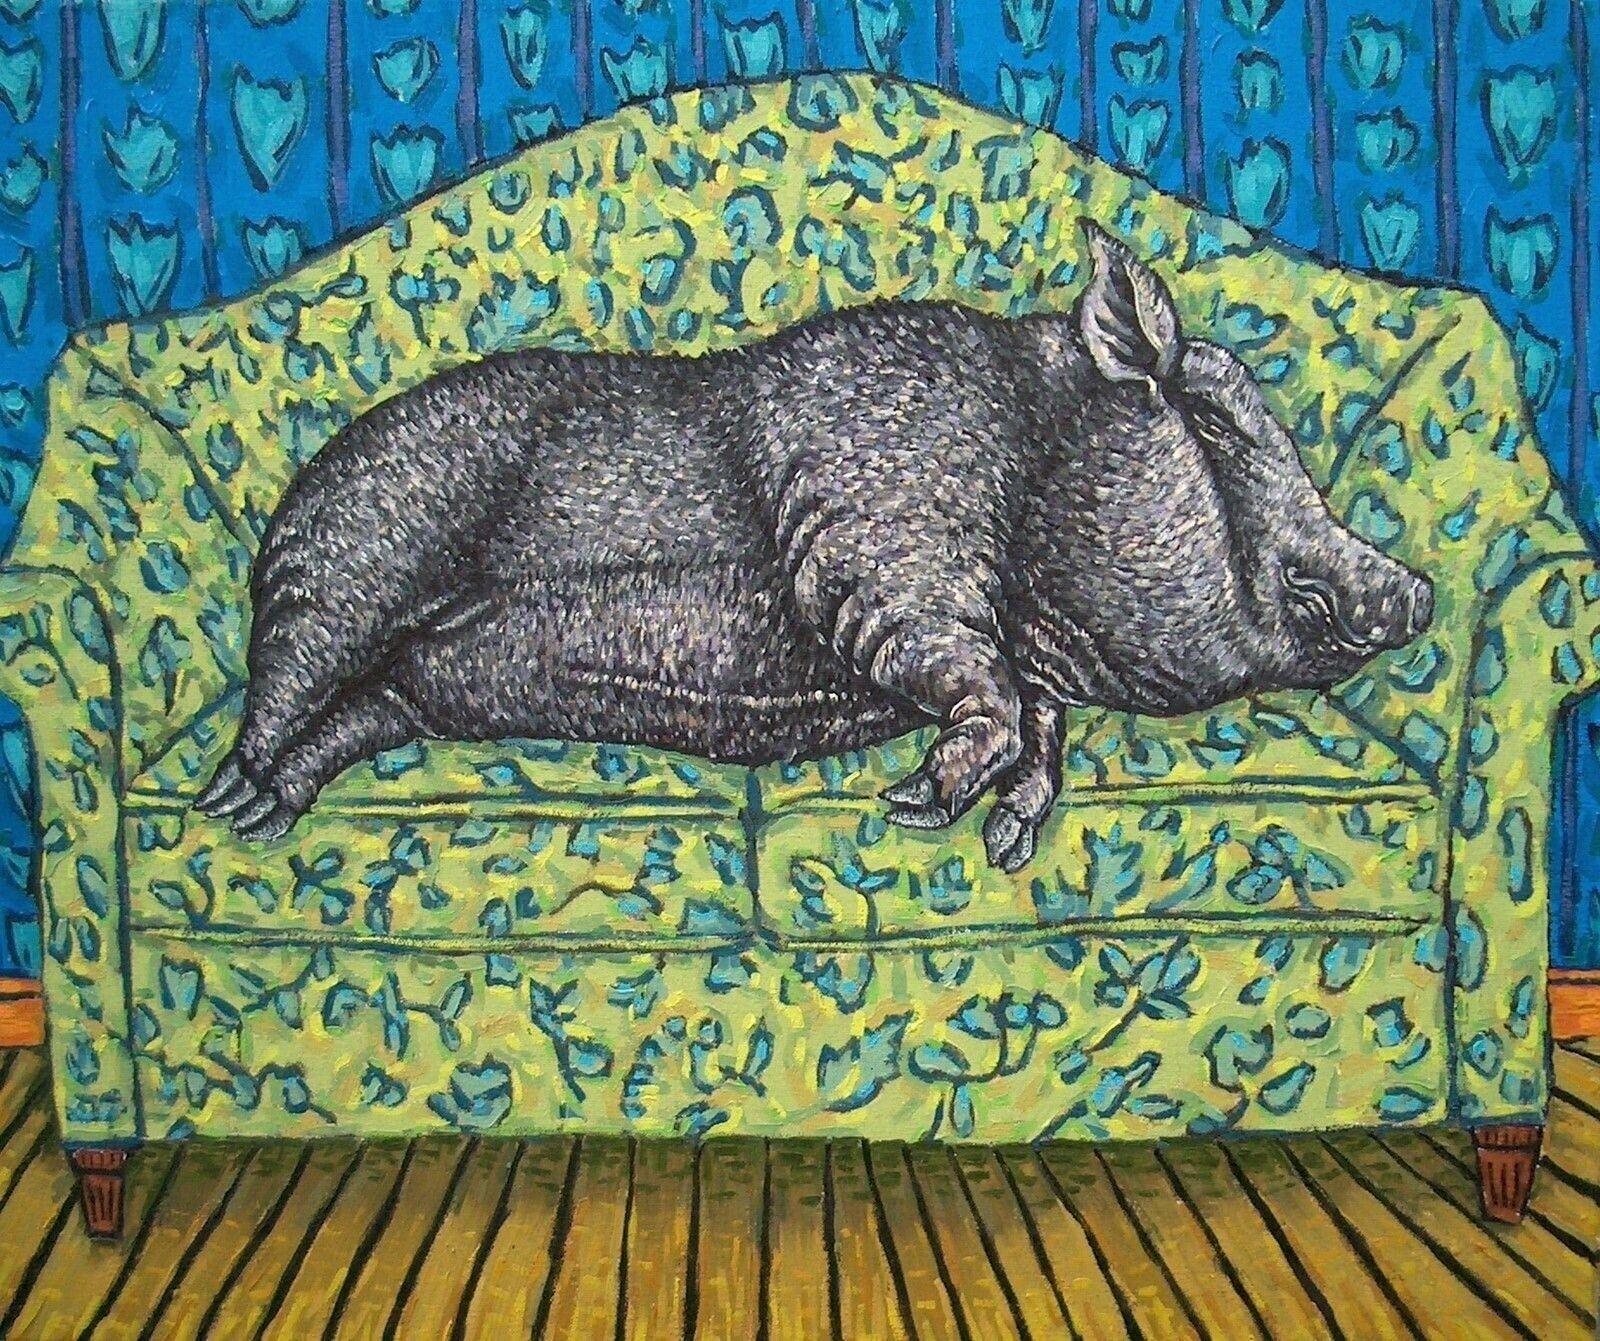 pig reclining nude 8x10  art print animals modern gift aRTIST NEW